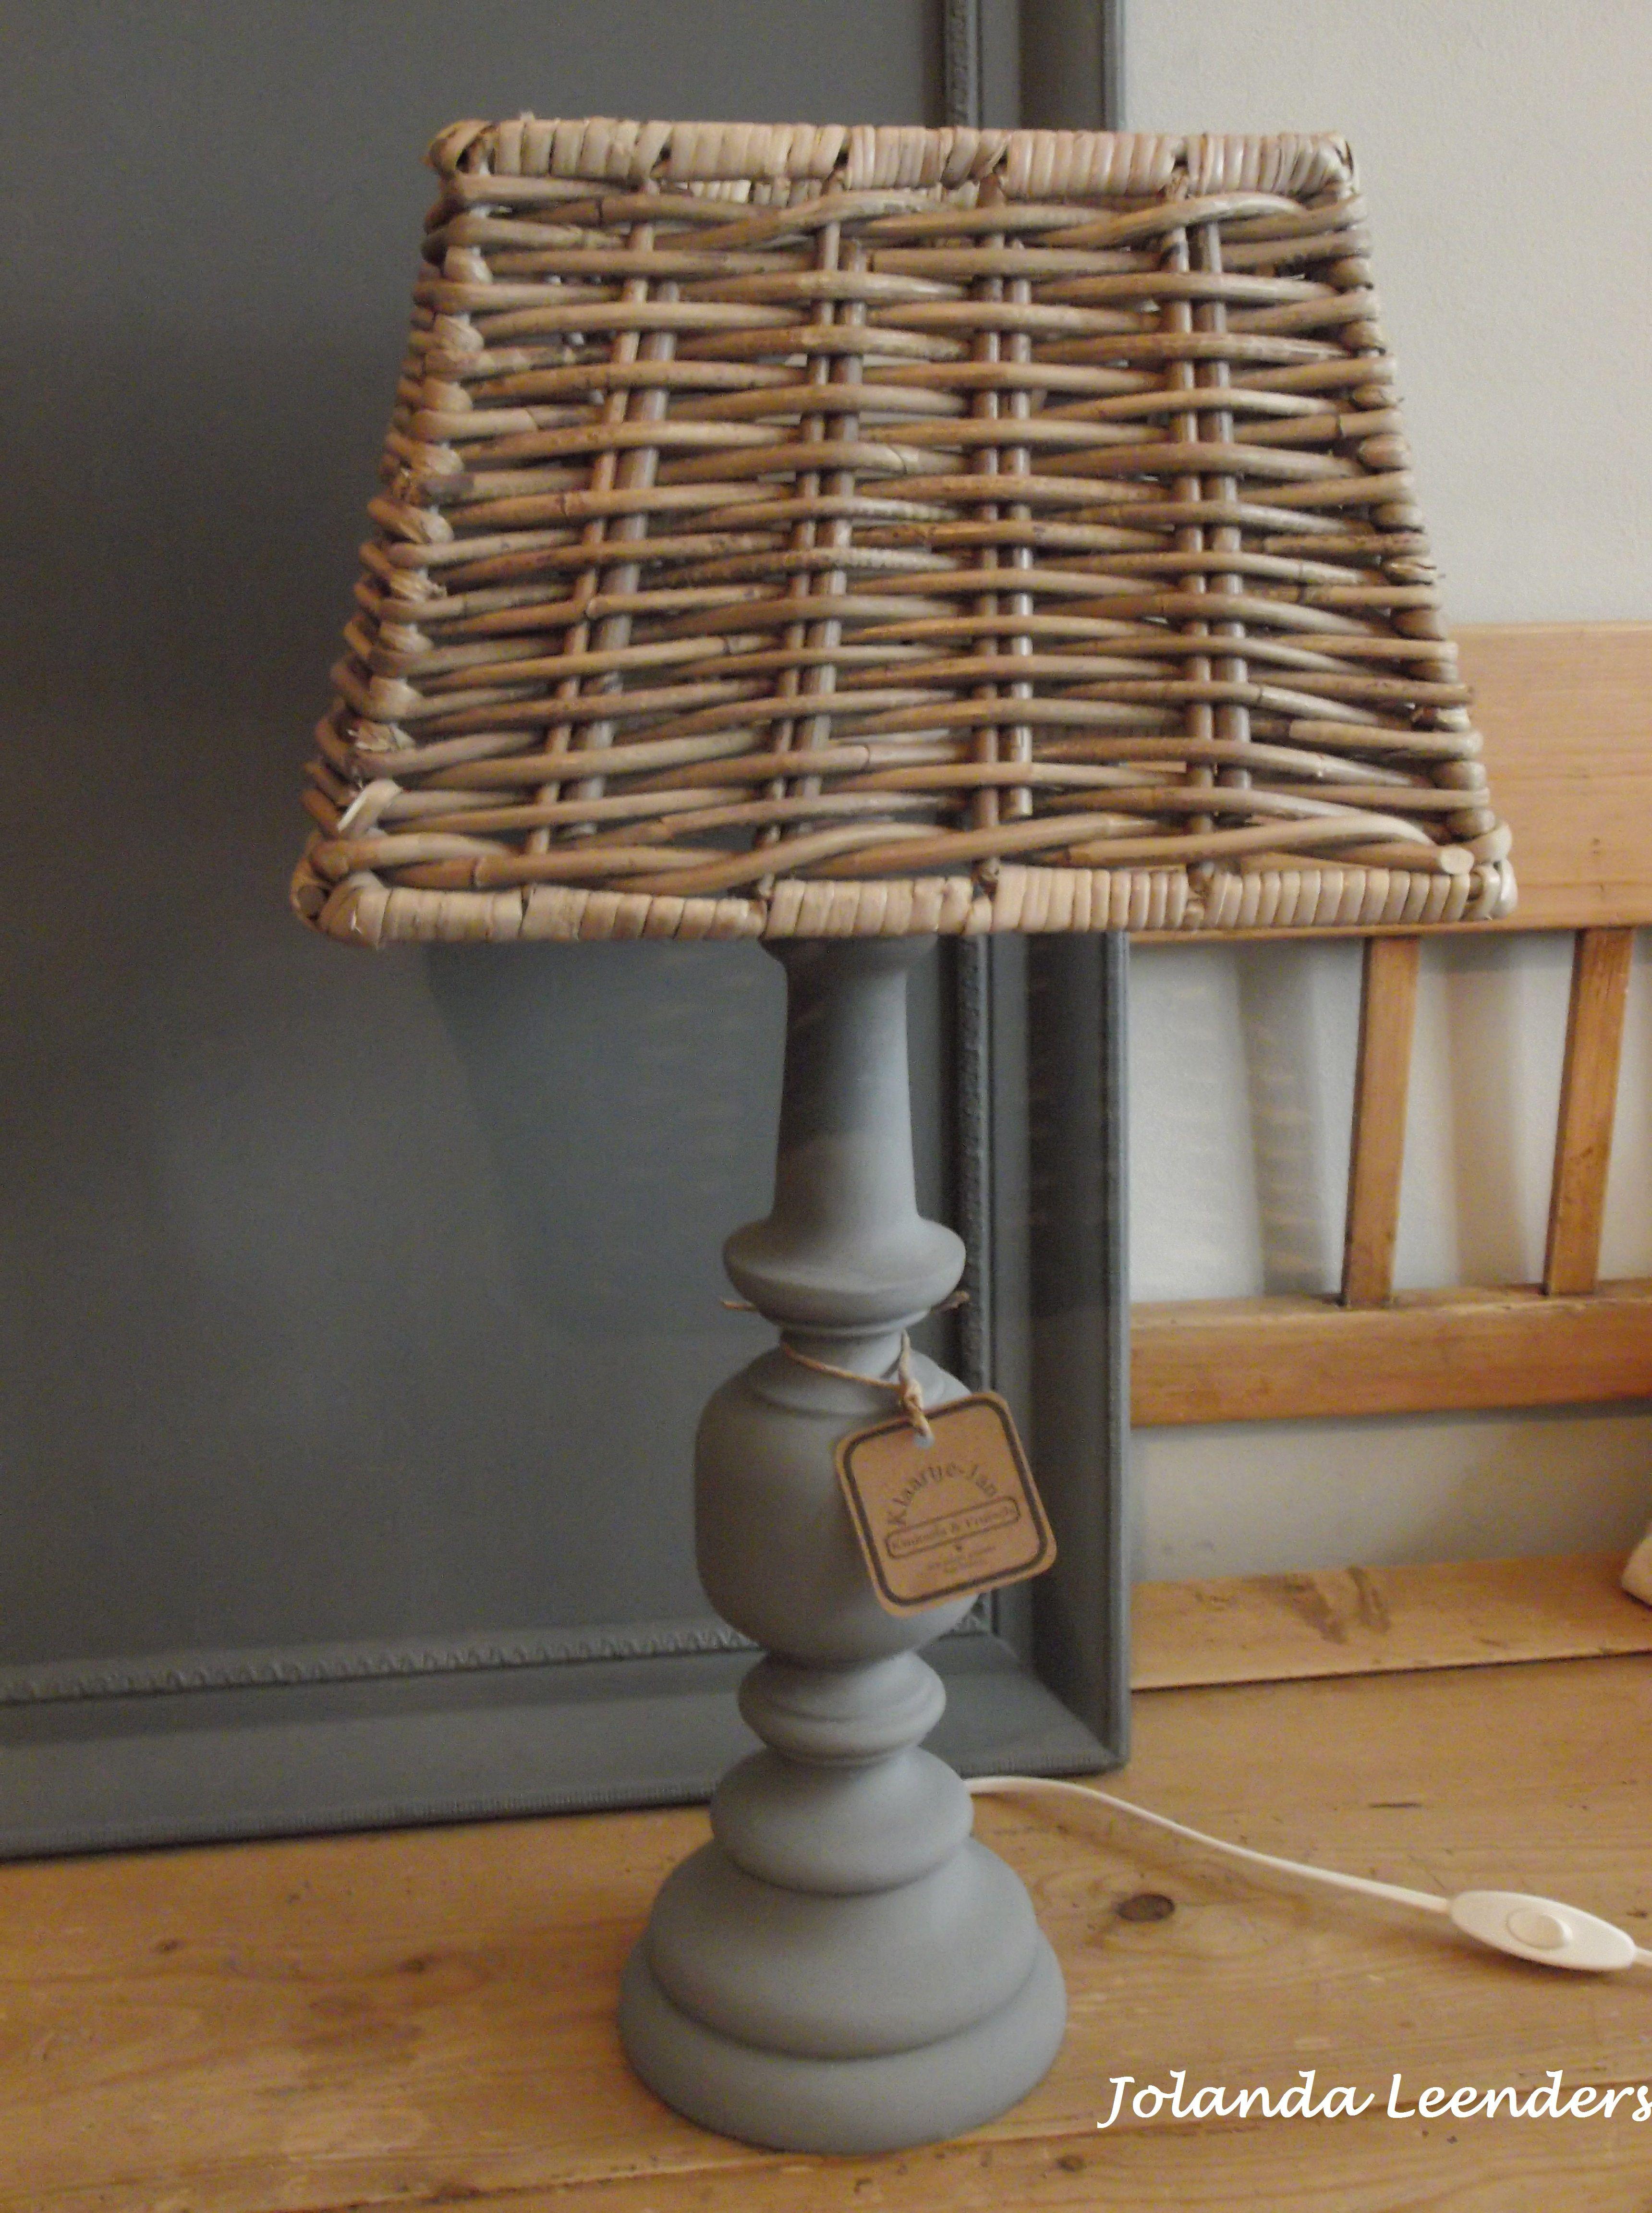 Knutsels van Jolanda. Re-style oude lampenvoet met krijtverf